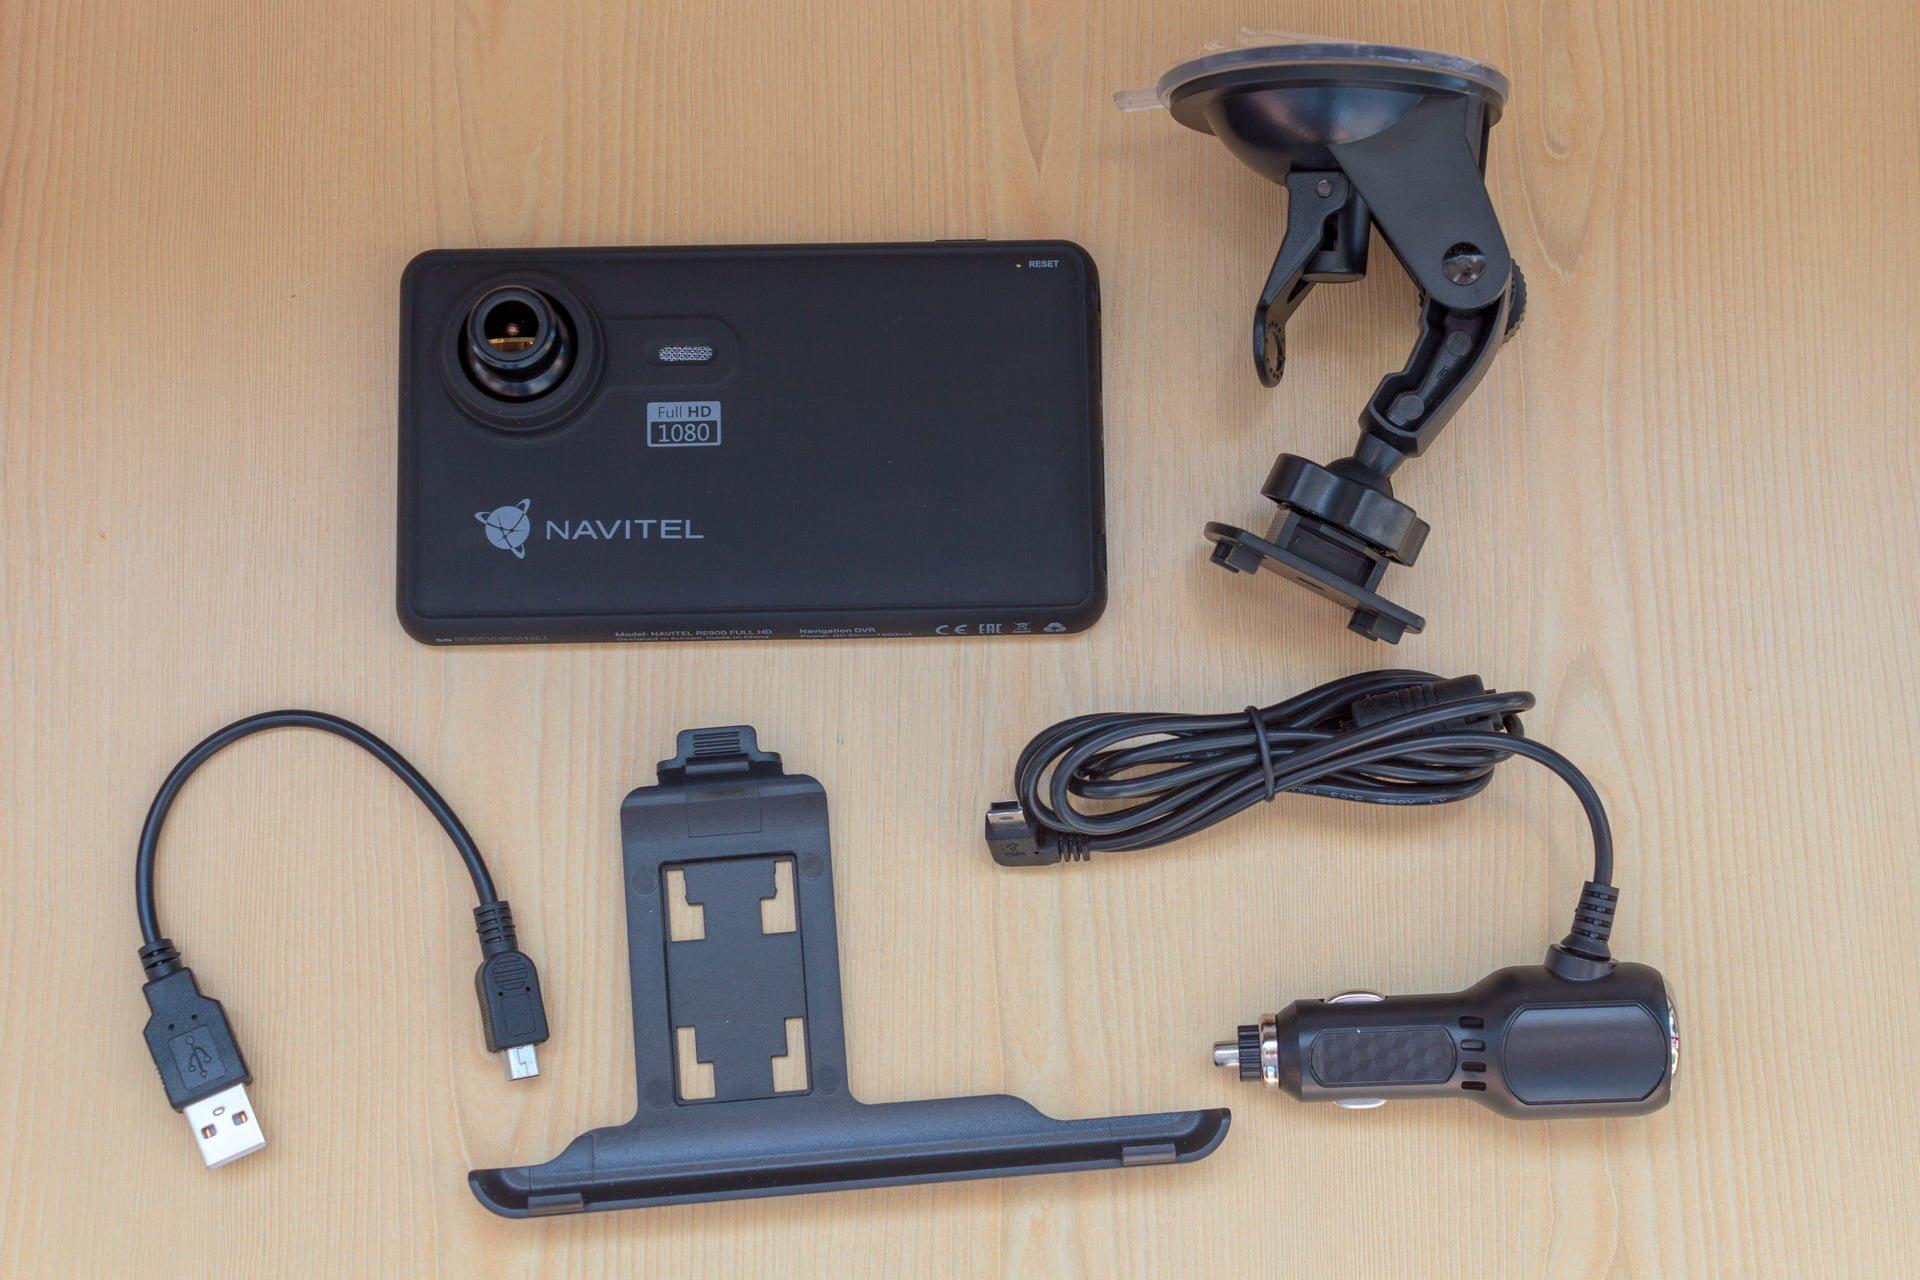 Recenzja Navitel RE900 – nawigacja i rejestrator z problemami 20